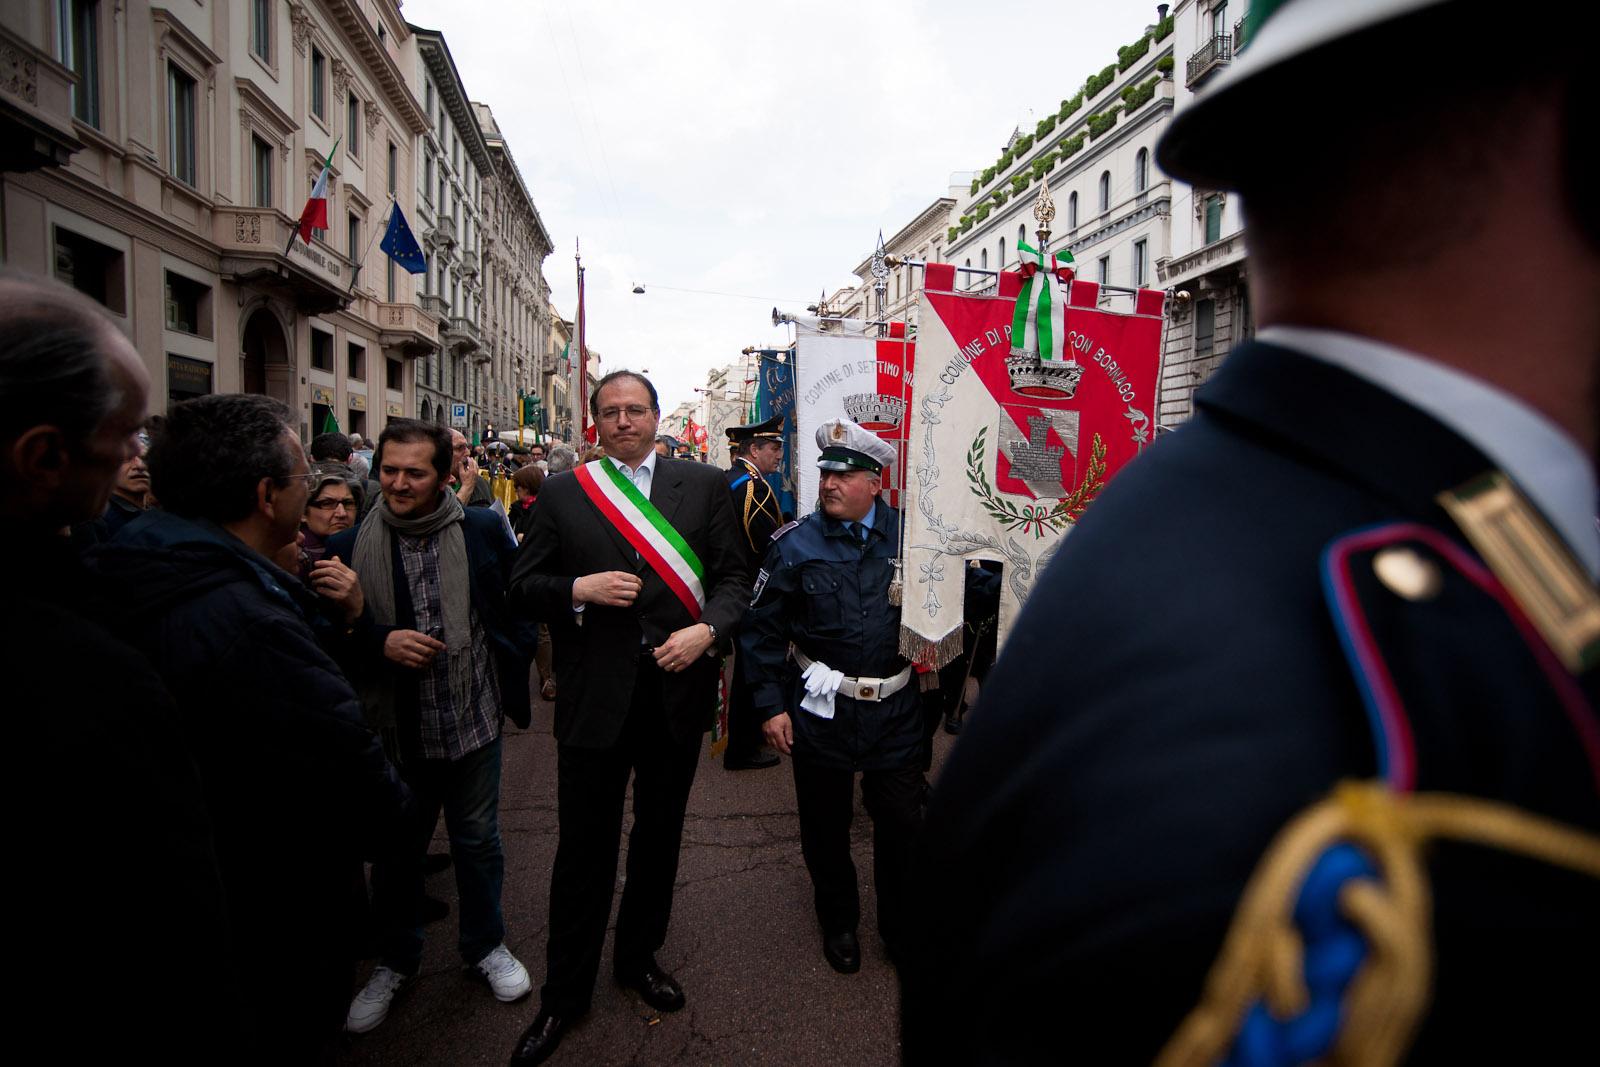 03 - Mayor of Bornago (small town near Milano)